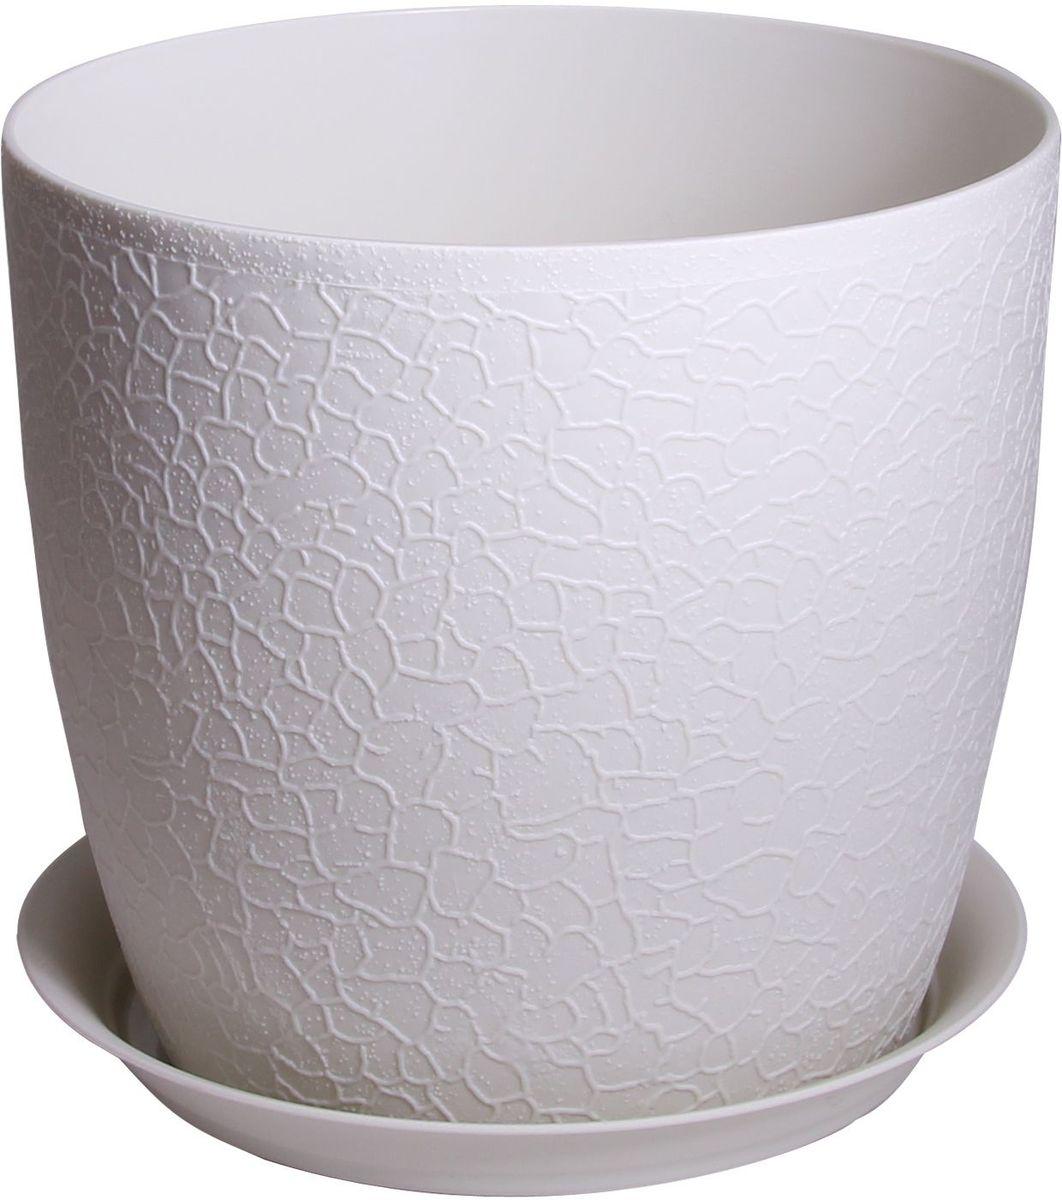 Кашпо Idea Верона, с подставкой, цвет: белый, диаметр 18 см кашпо idea верона с подставкой цвет белый диаметр 14 см